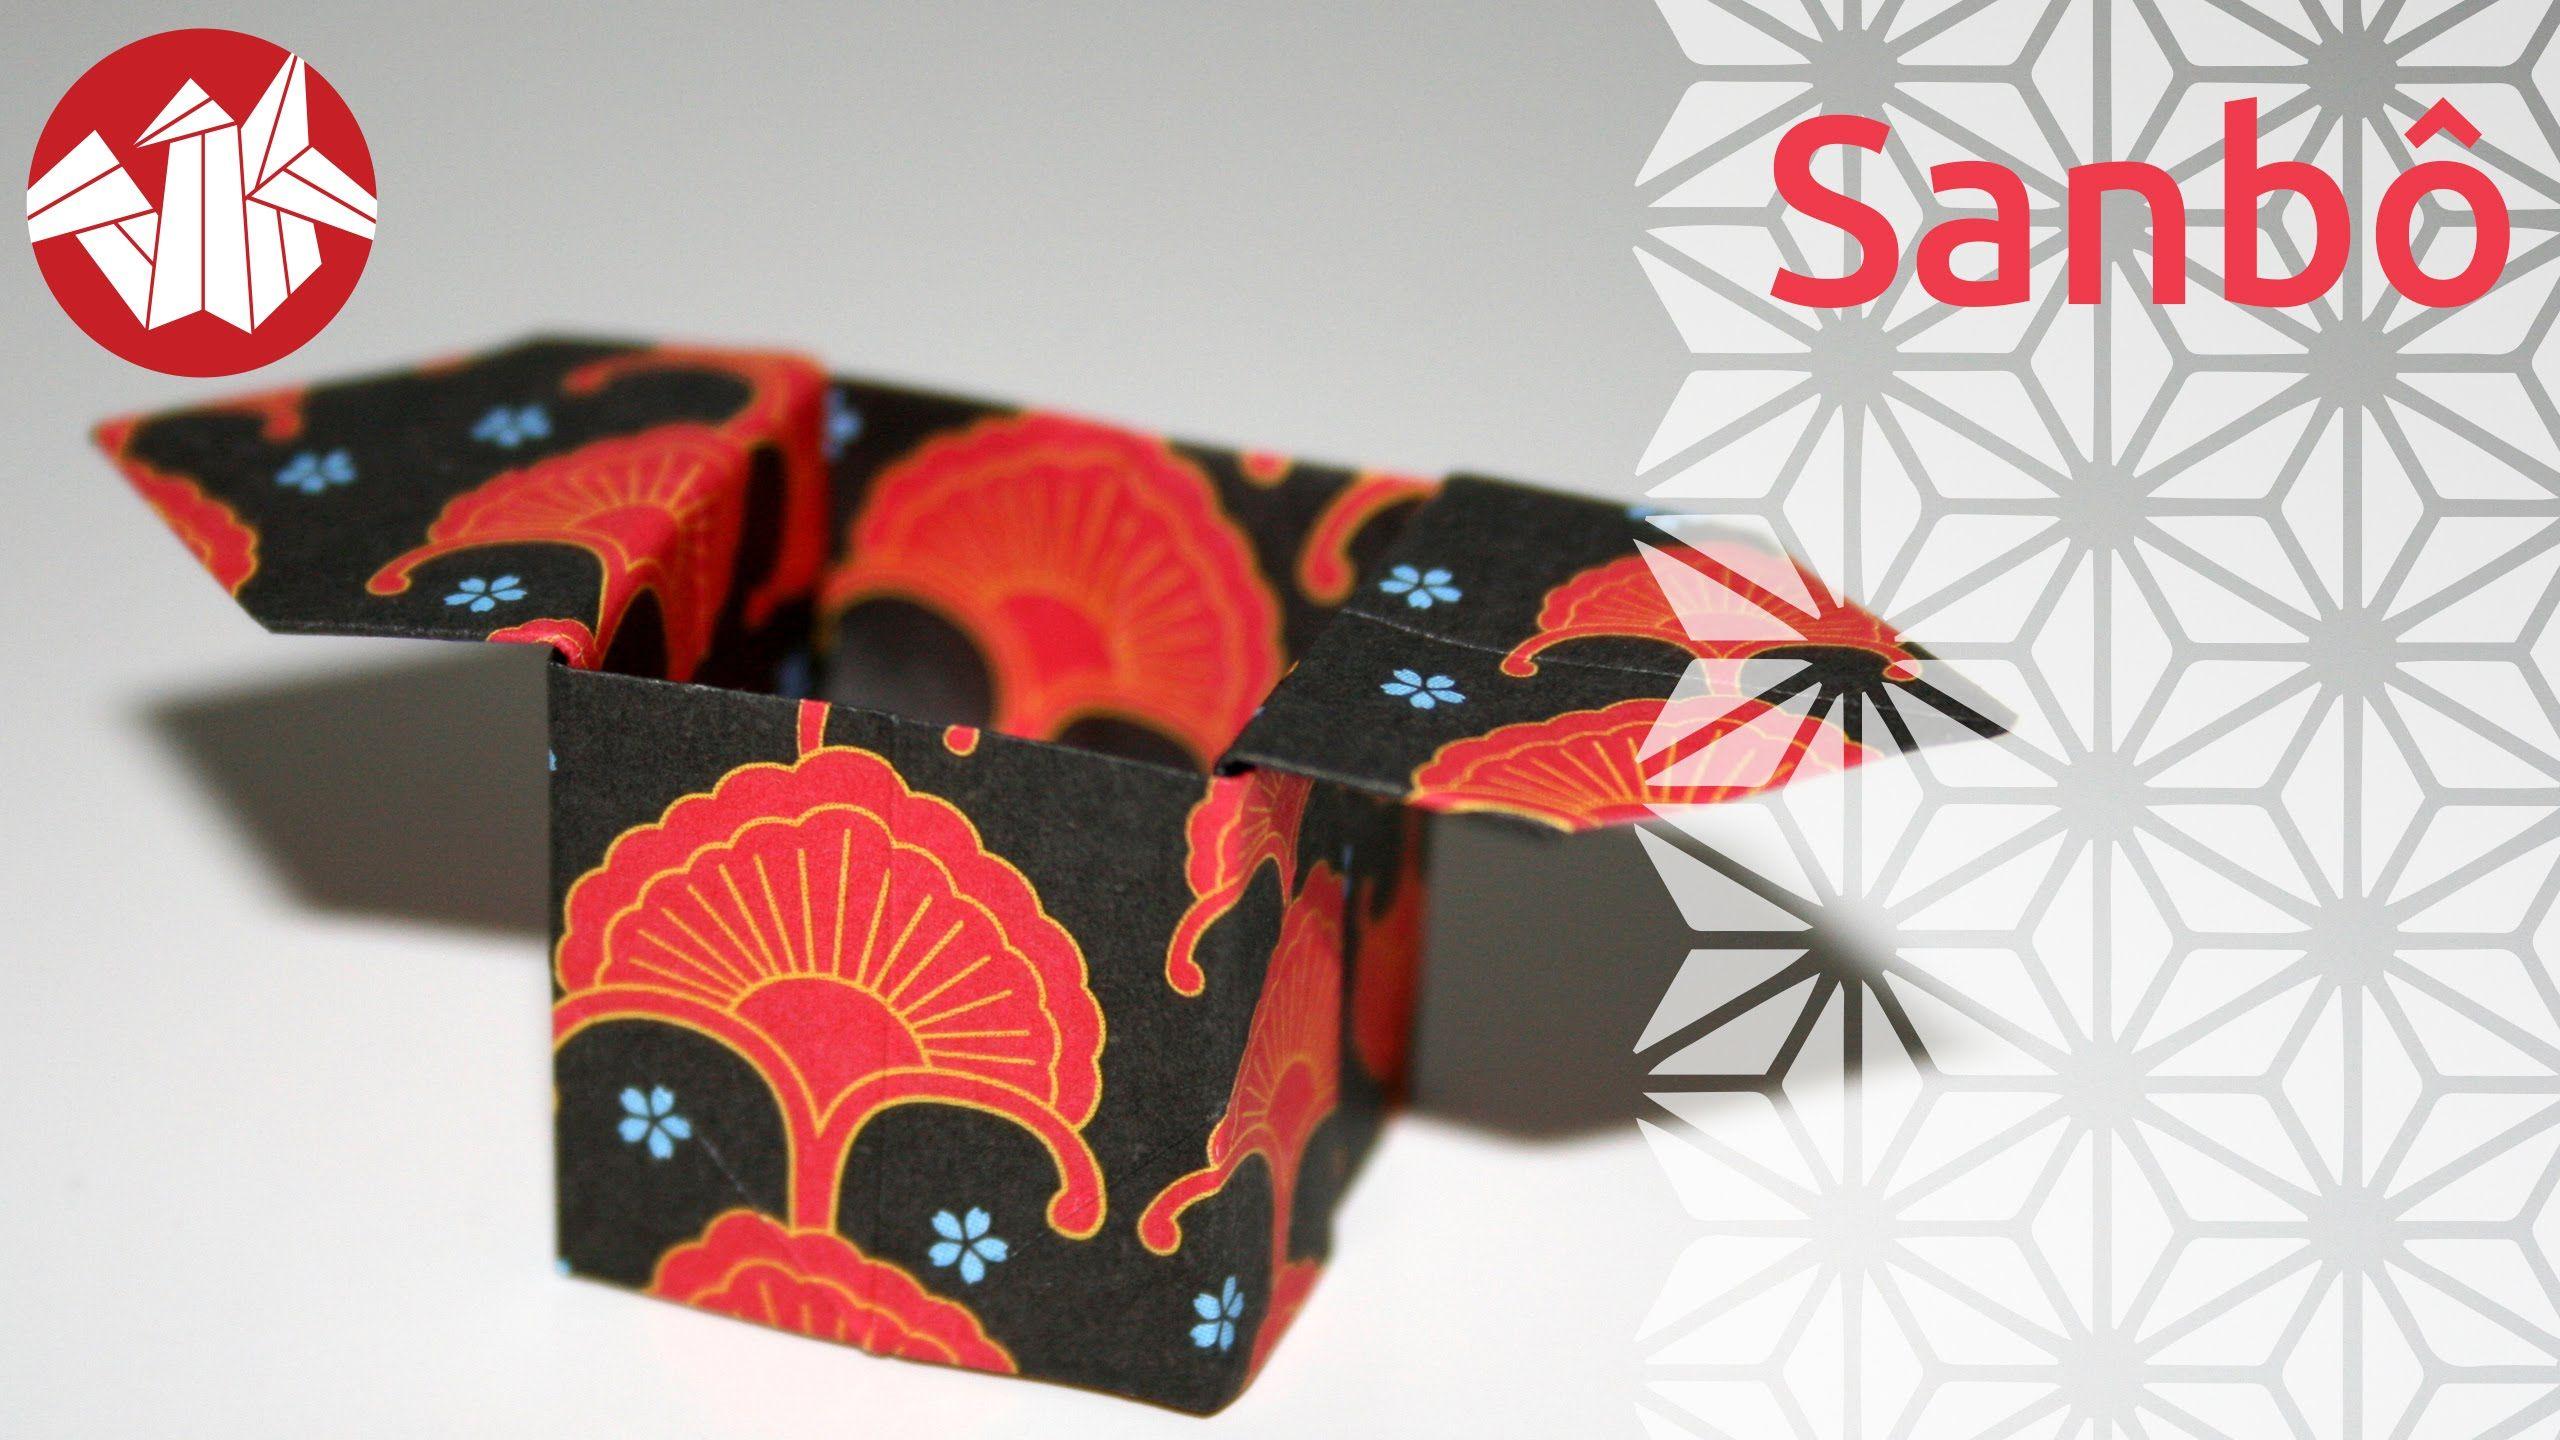 Le sanbô est un plateau qui permet de présenter les offrandes durant les cérémonies religieuses, au Japon. Son nom signifie trois directions. C'est un origami que j'aime beaucoup ! Vous pouvez le plier pour présenter des bonbons ou des biscuits par exemple. Utilisez de préférence un papier relativement rigide si vous souhaiter vous en servir comme contenant.  Pour encore plus de vidéos, photos et tutoriels, venez nous visiter sur http://www.senbazuru.fr